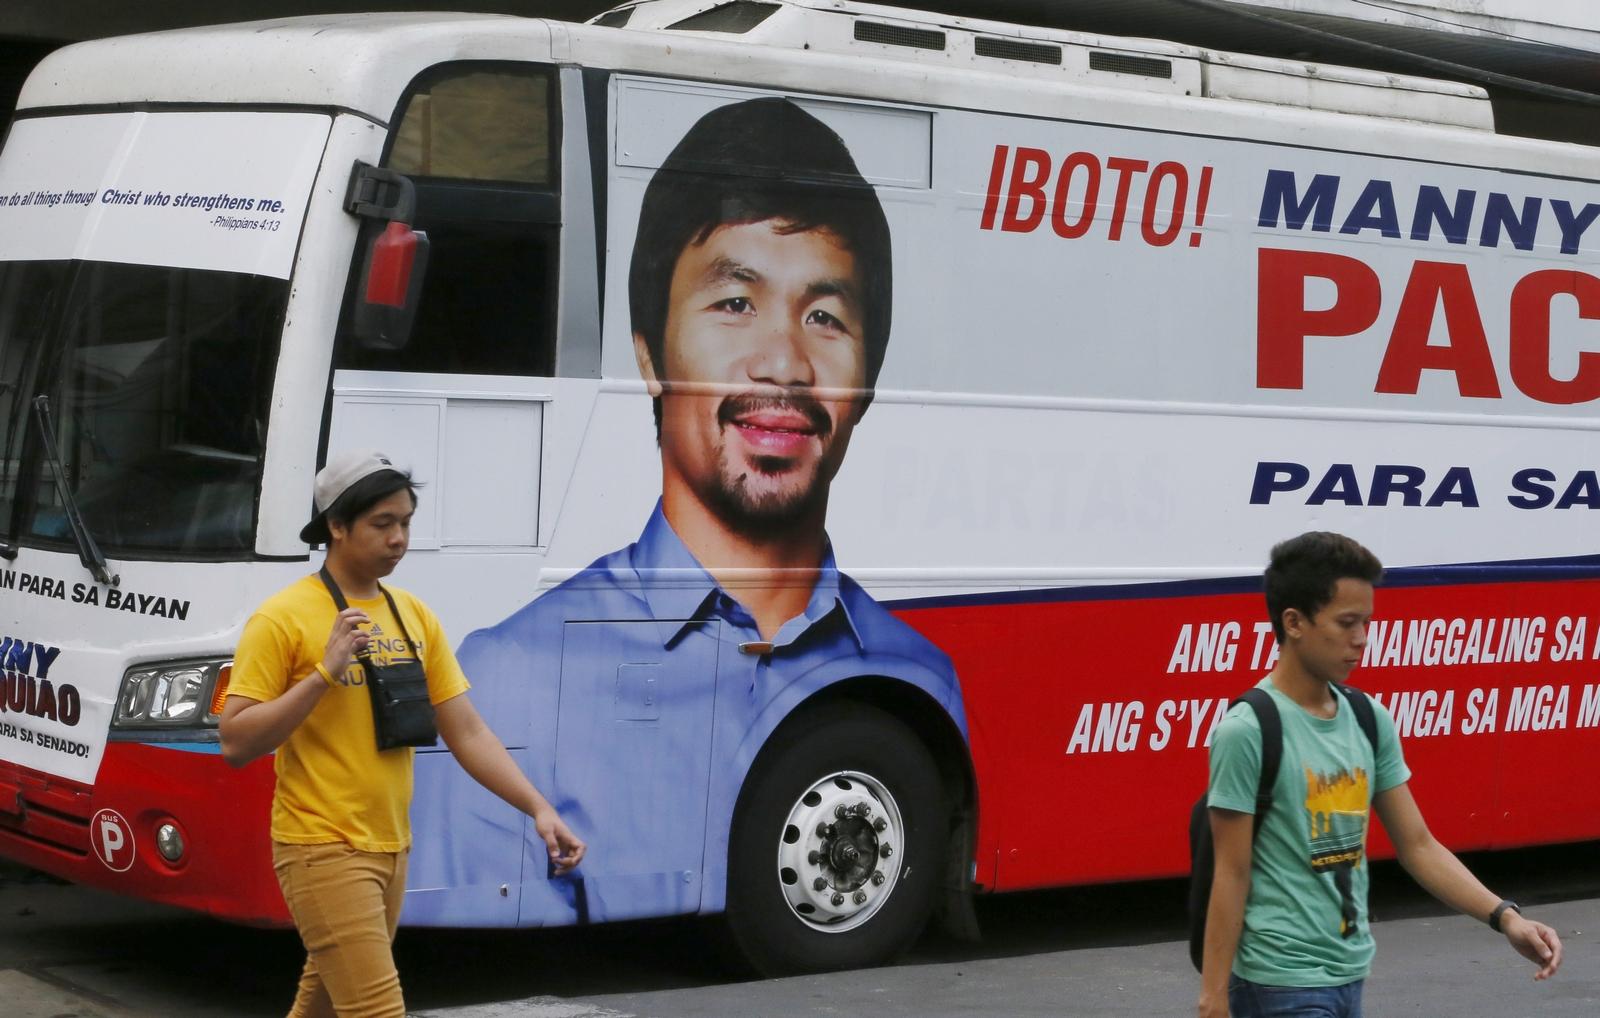 El Famoso Boxeador Filipino y Cristiano, MANNY PACQUIAO, fue Electo Senador [con una Plataforma Cristiana]…